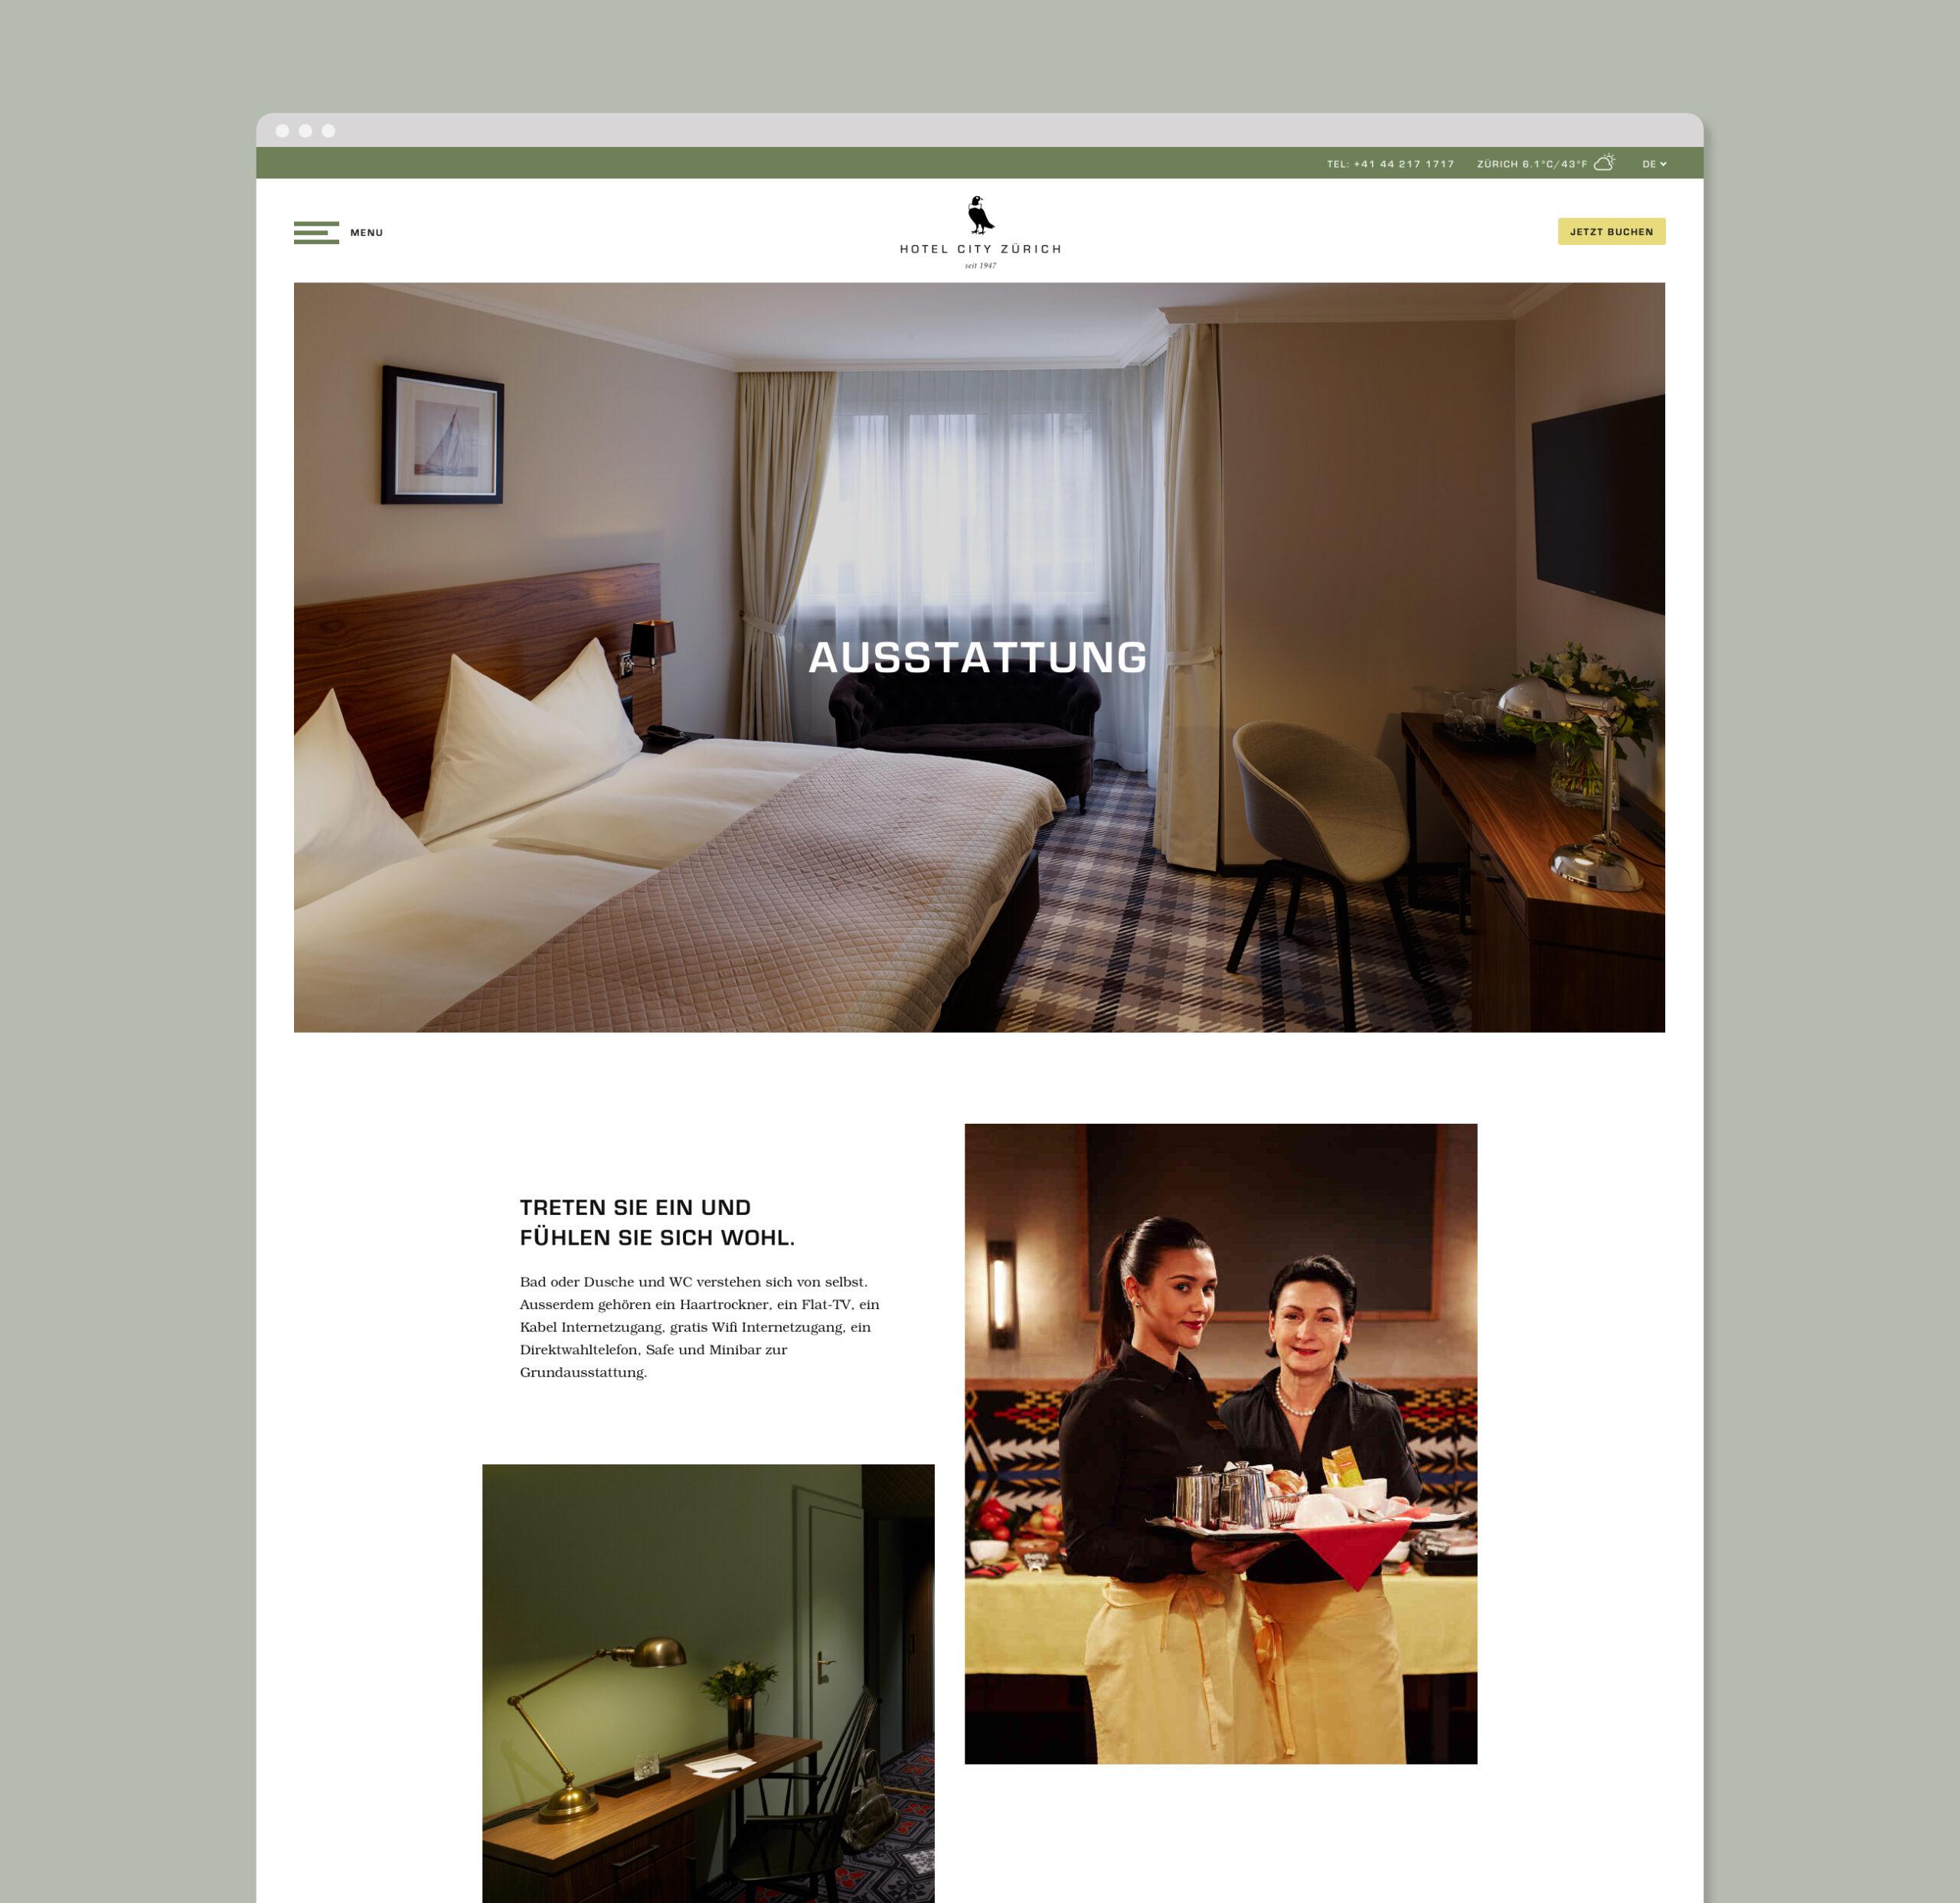 Hotel City Zurich website design amenities